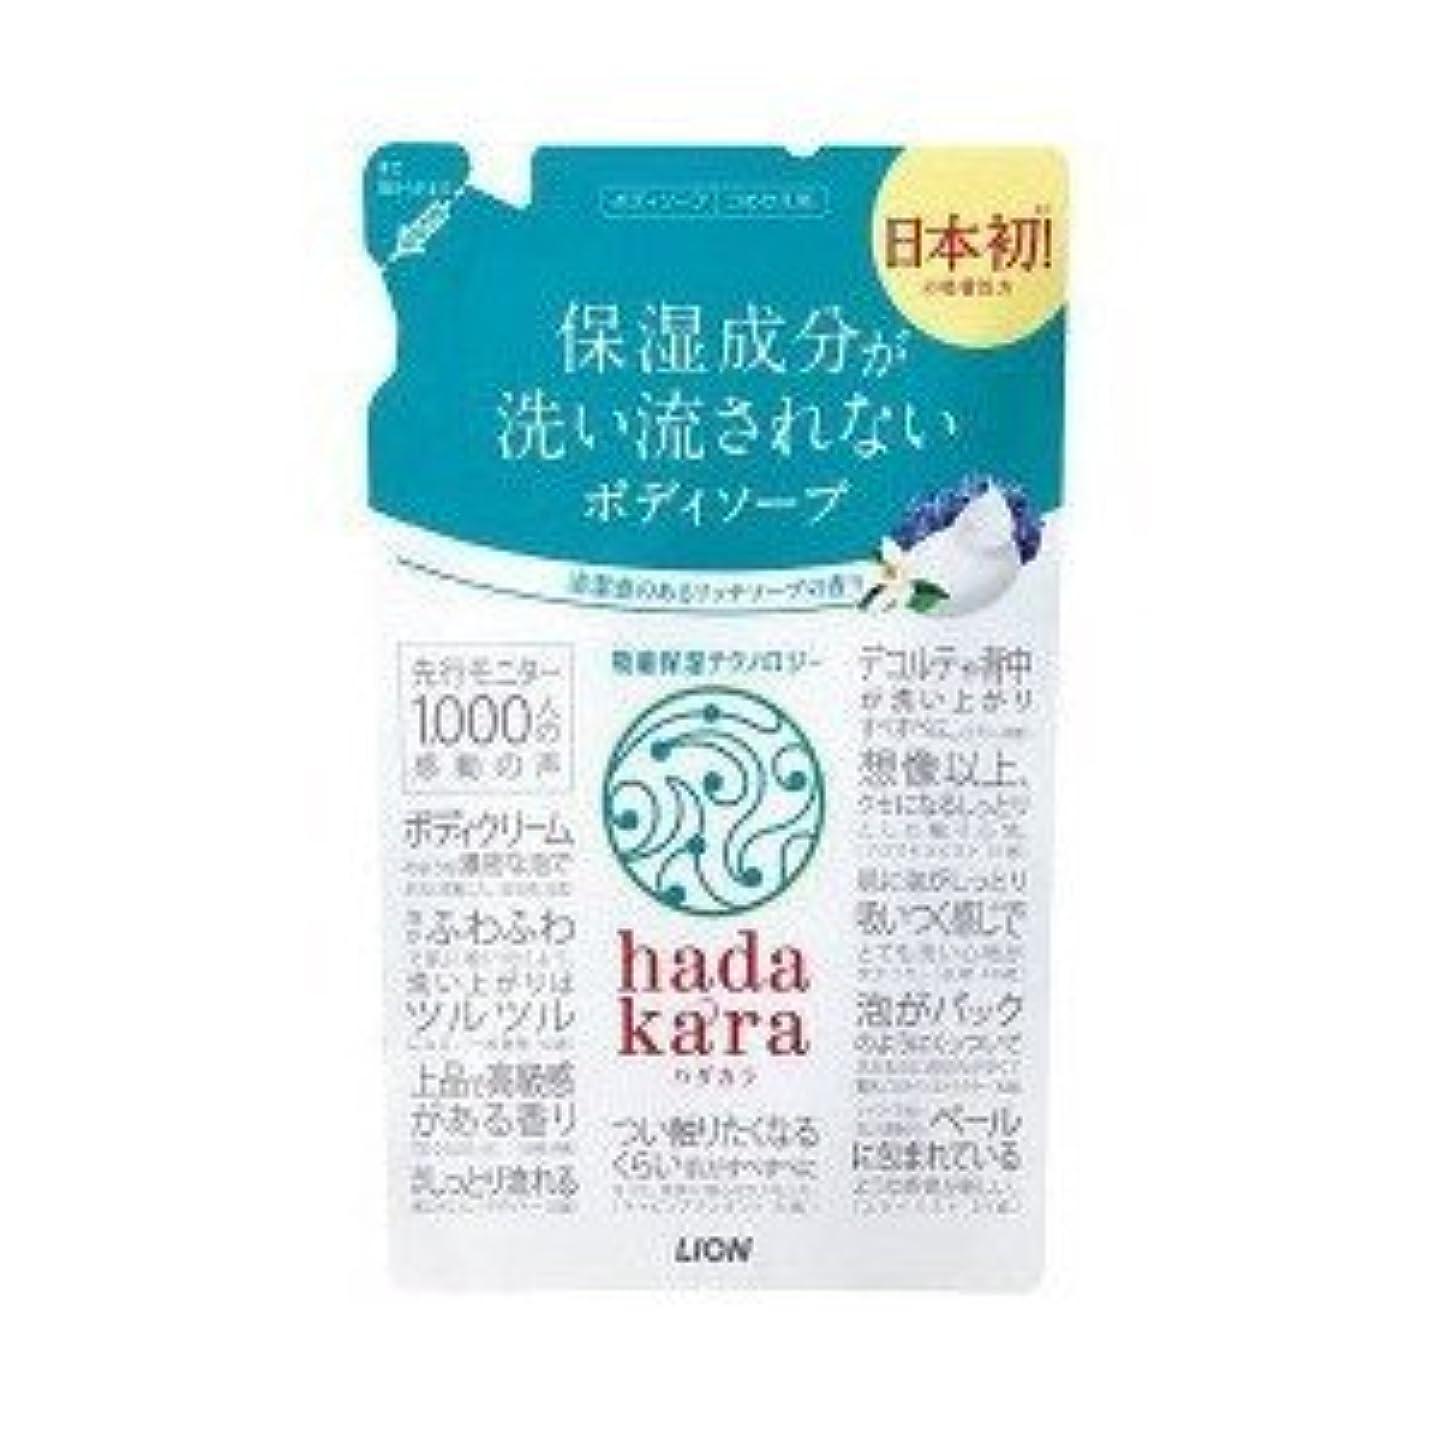 オーケストラアサートホバート(2016年秋の新商品)(ライオン)hadakara(ハダカラ) ボディソープ リッチソープの香り つめかえ用 360ml(お買い得3個セット)